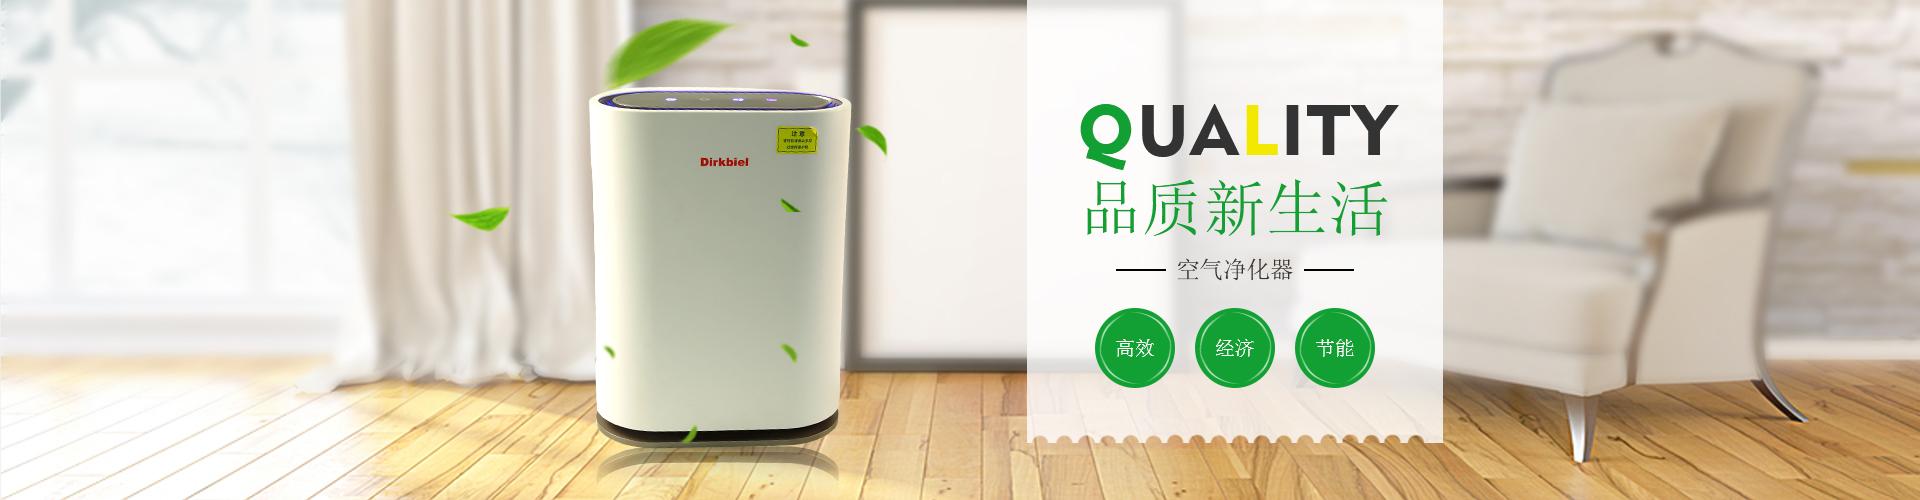 香港室内空气质量标准